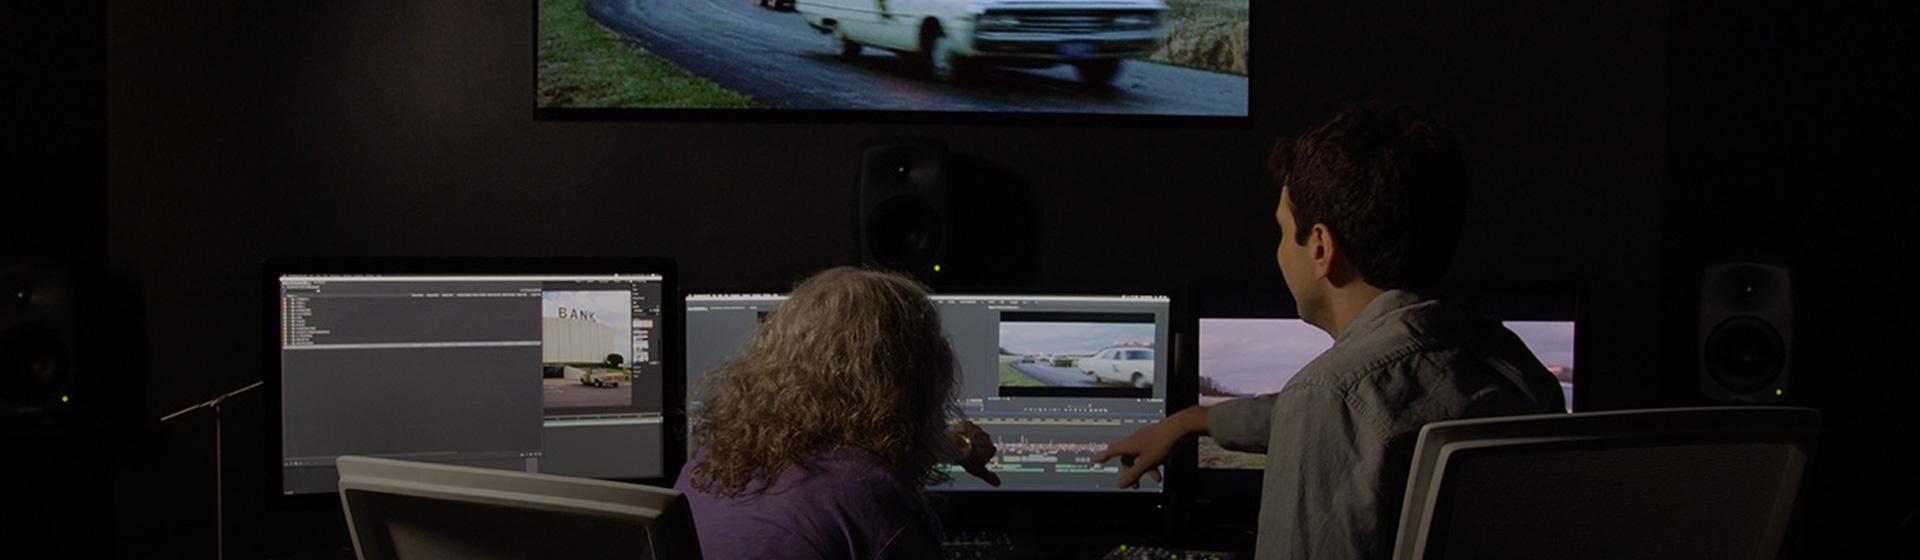 Corsi Adobe Premiere